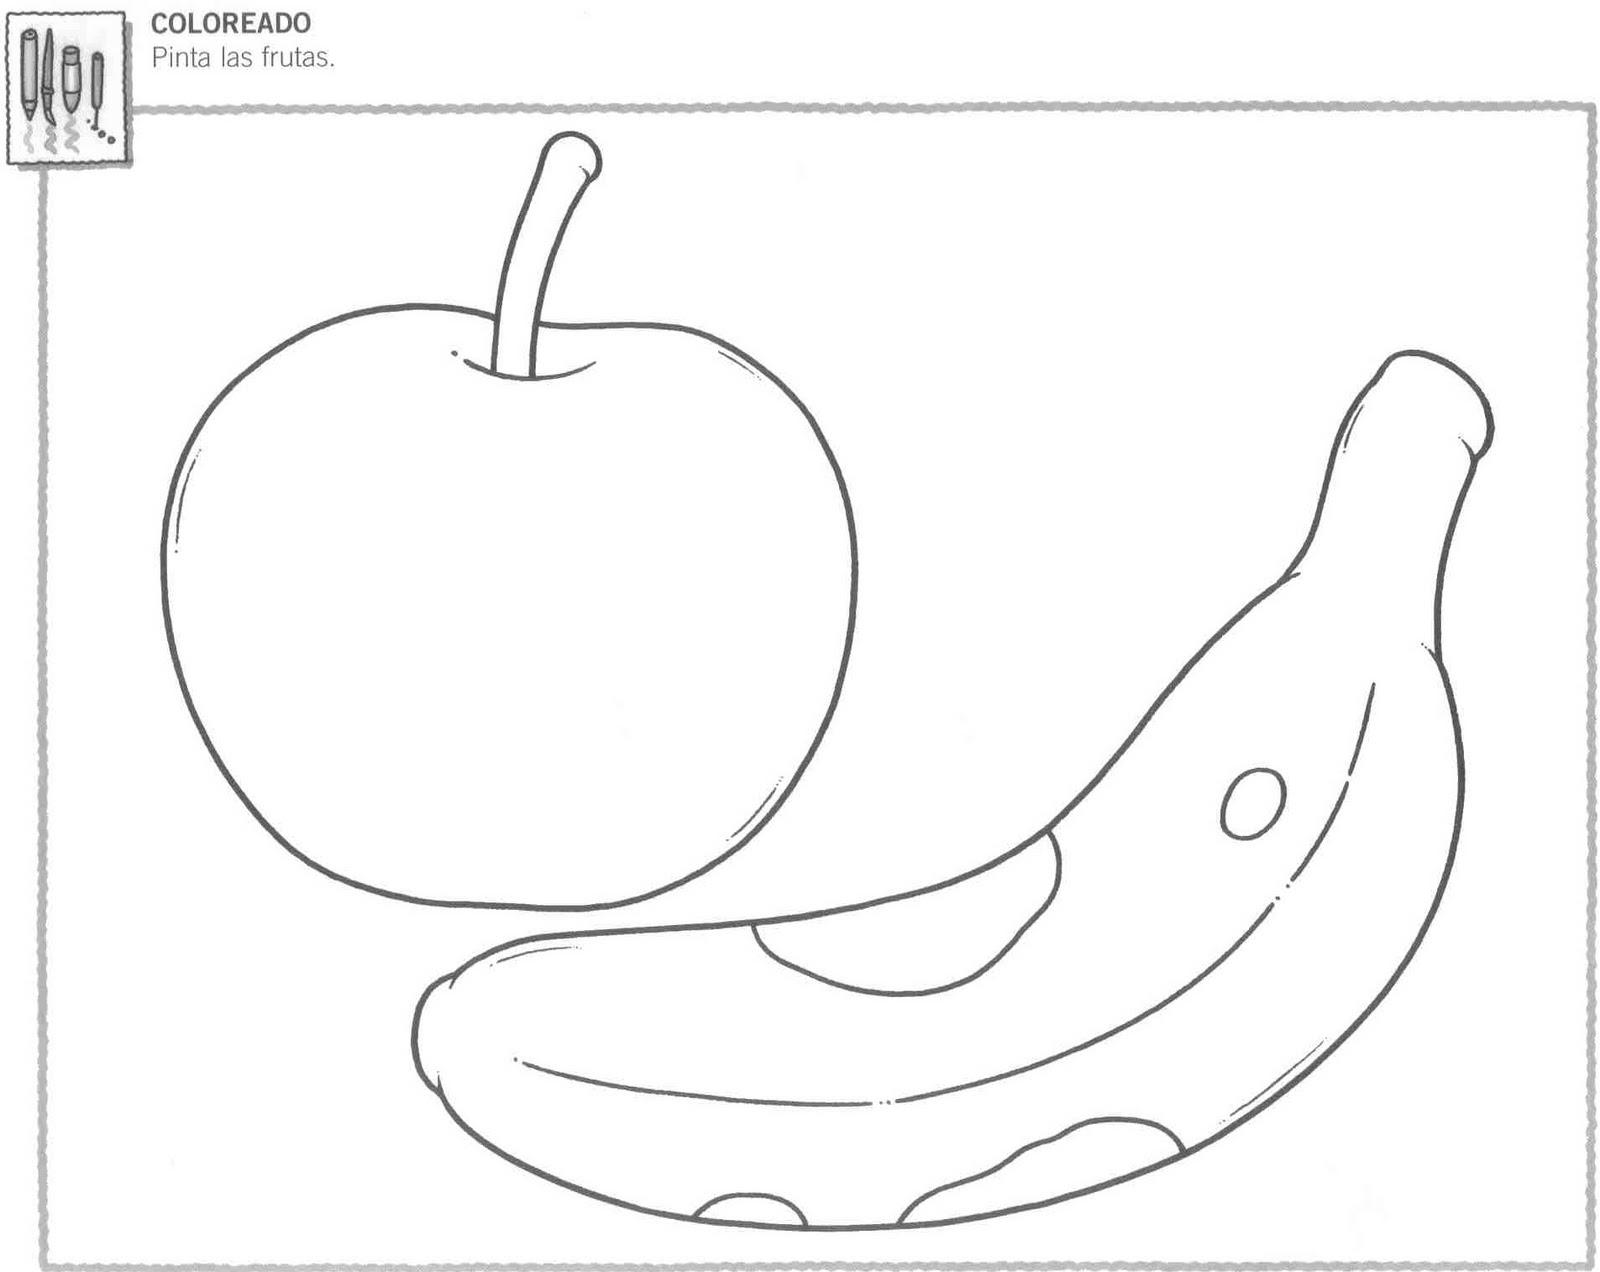 Colorear Dibujos Ninos 3 Anos: Educando Peques: Libro Para Comenzar La Motricidad Fina